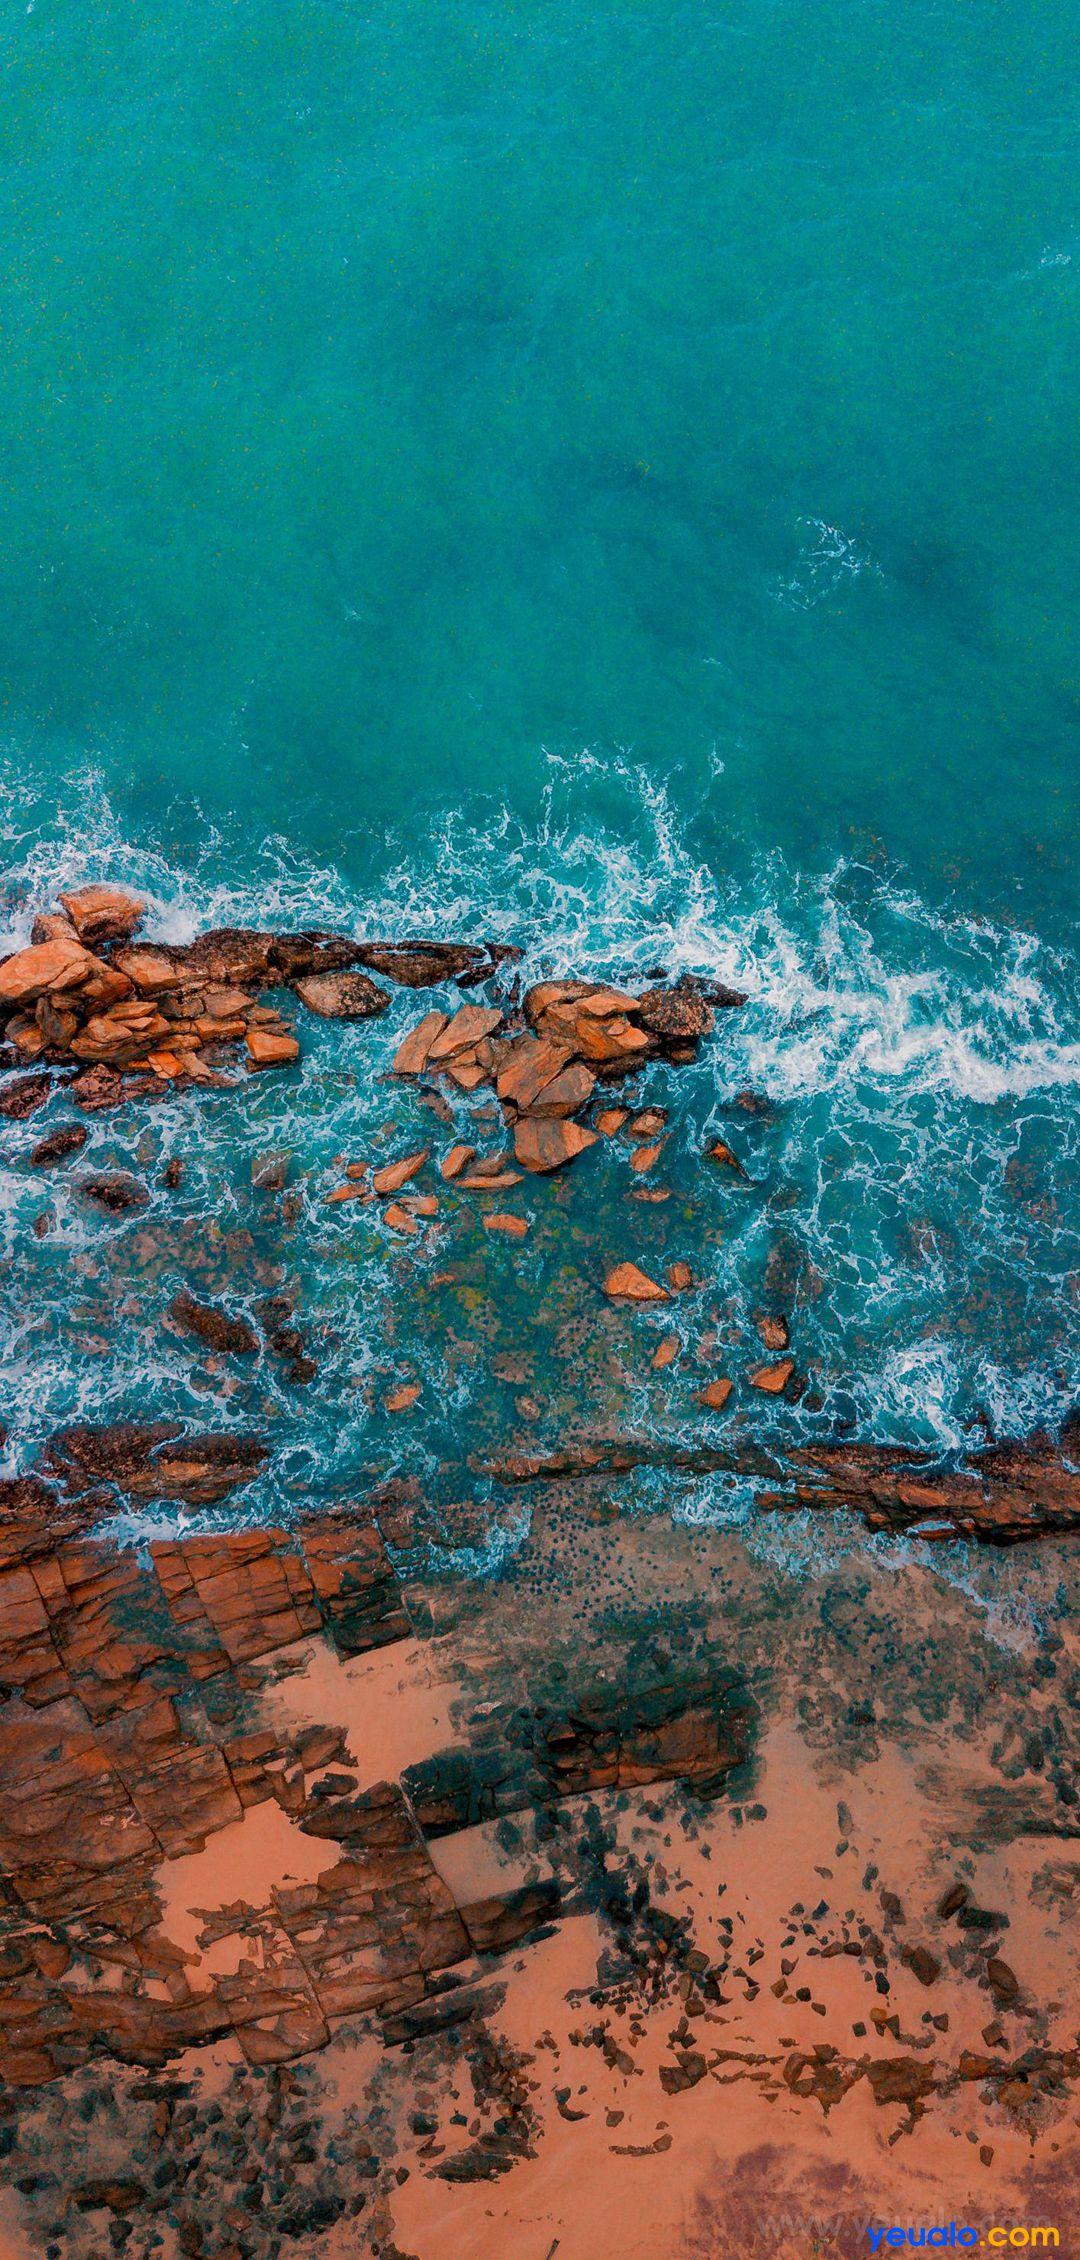 Hình nền điện thoại về biển thiên nhiên đẹp nhất 13